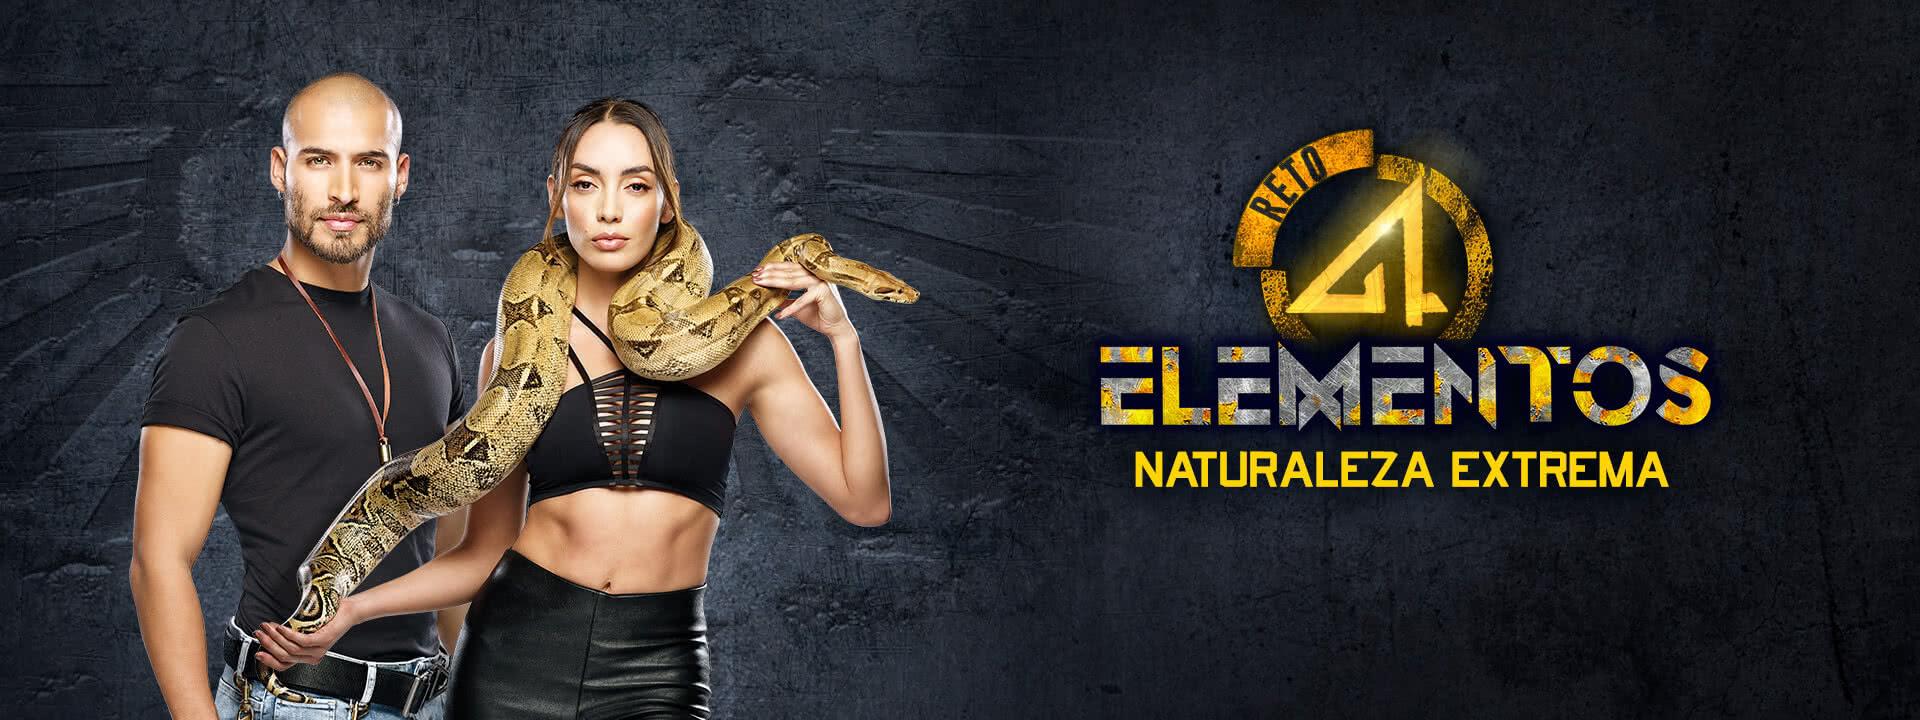 RETO 4 ELEMENTOS COLOMBIA